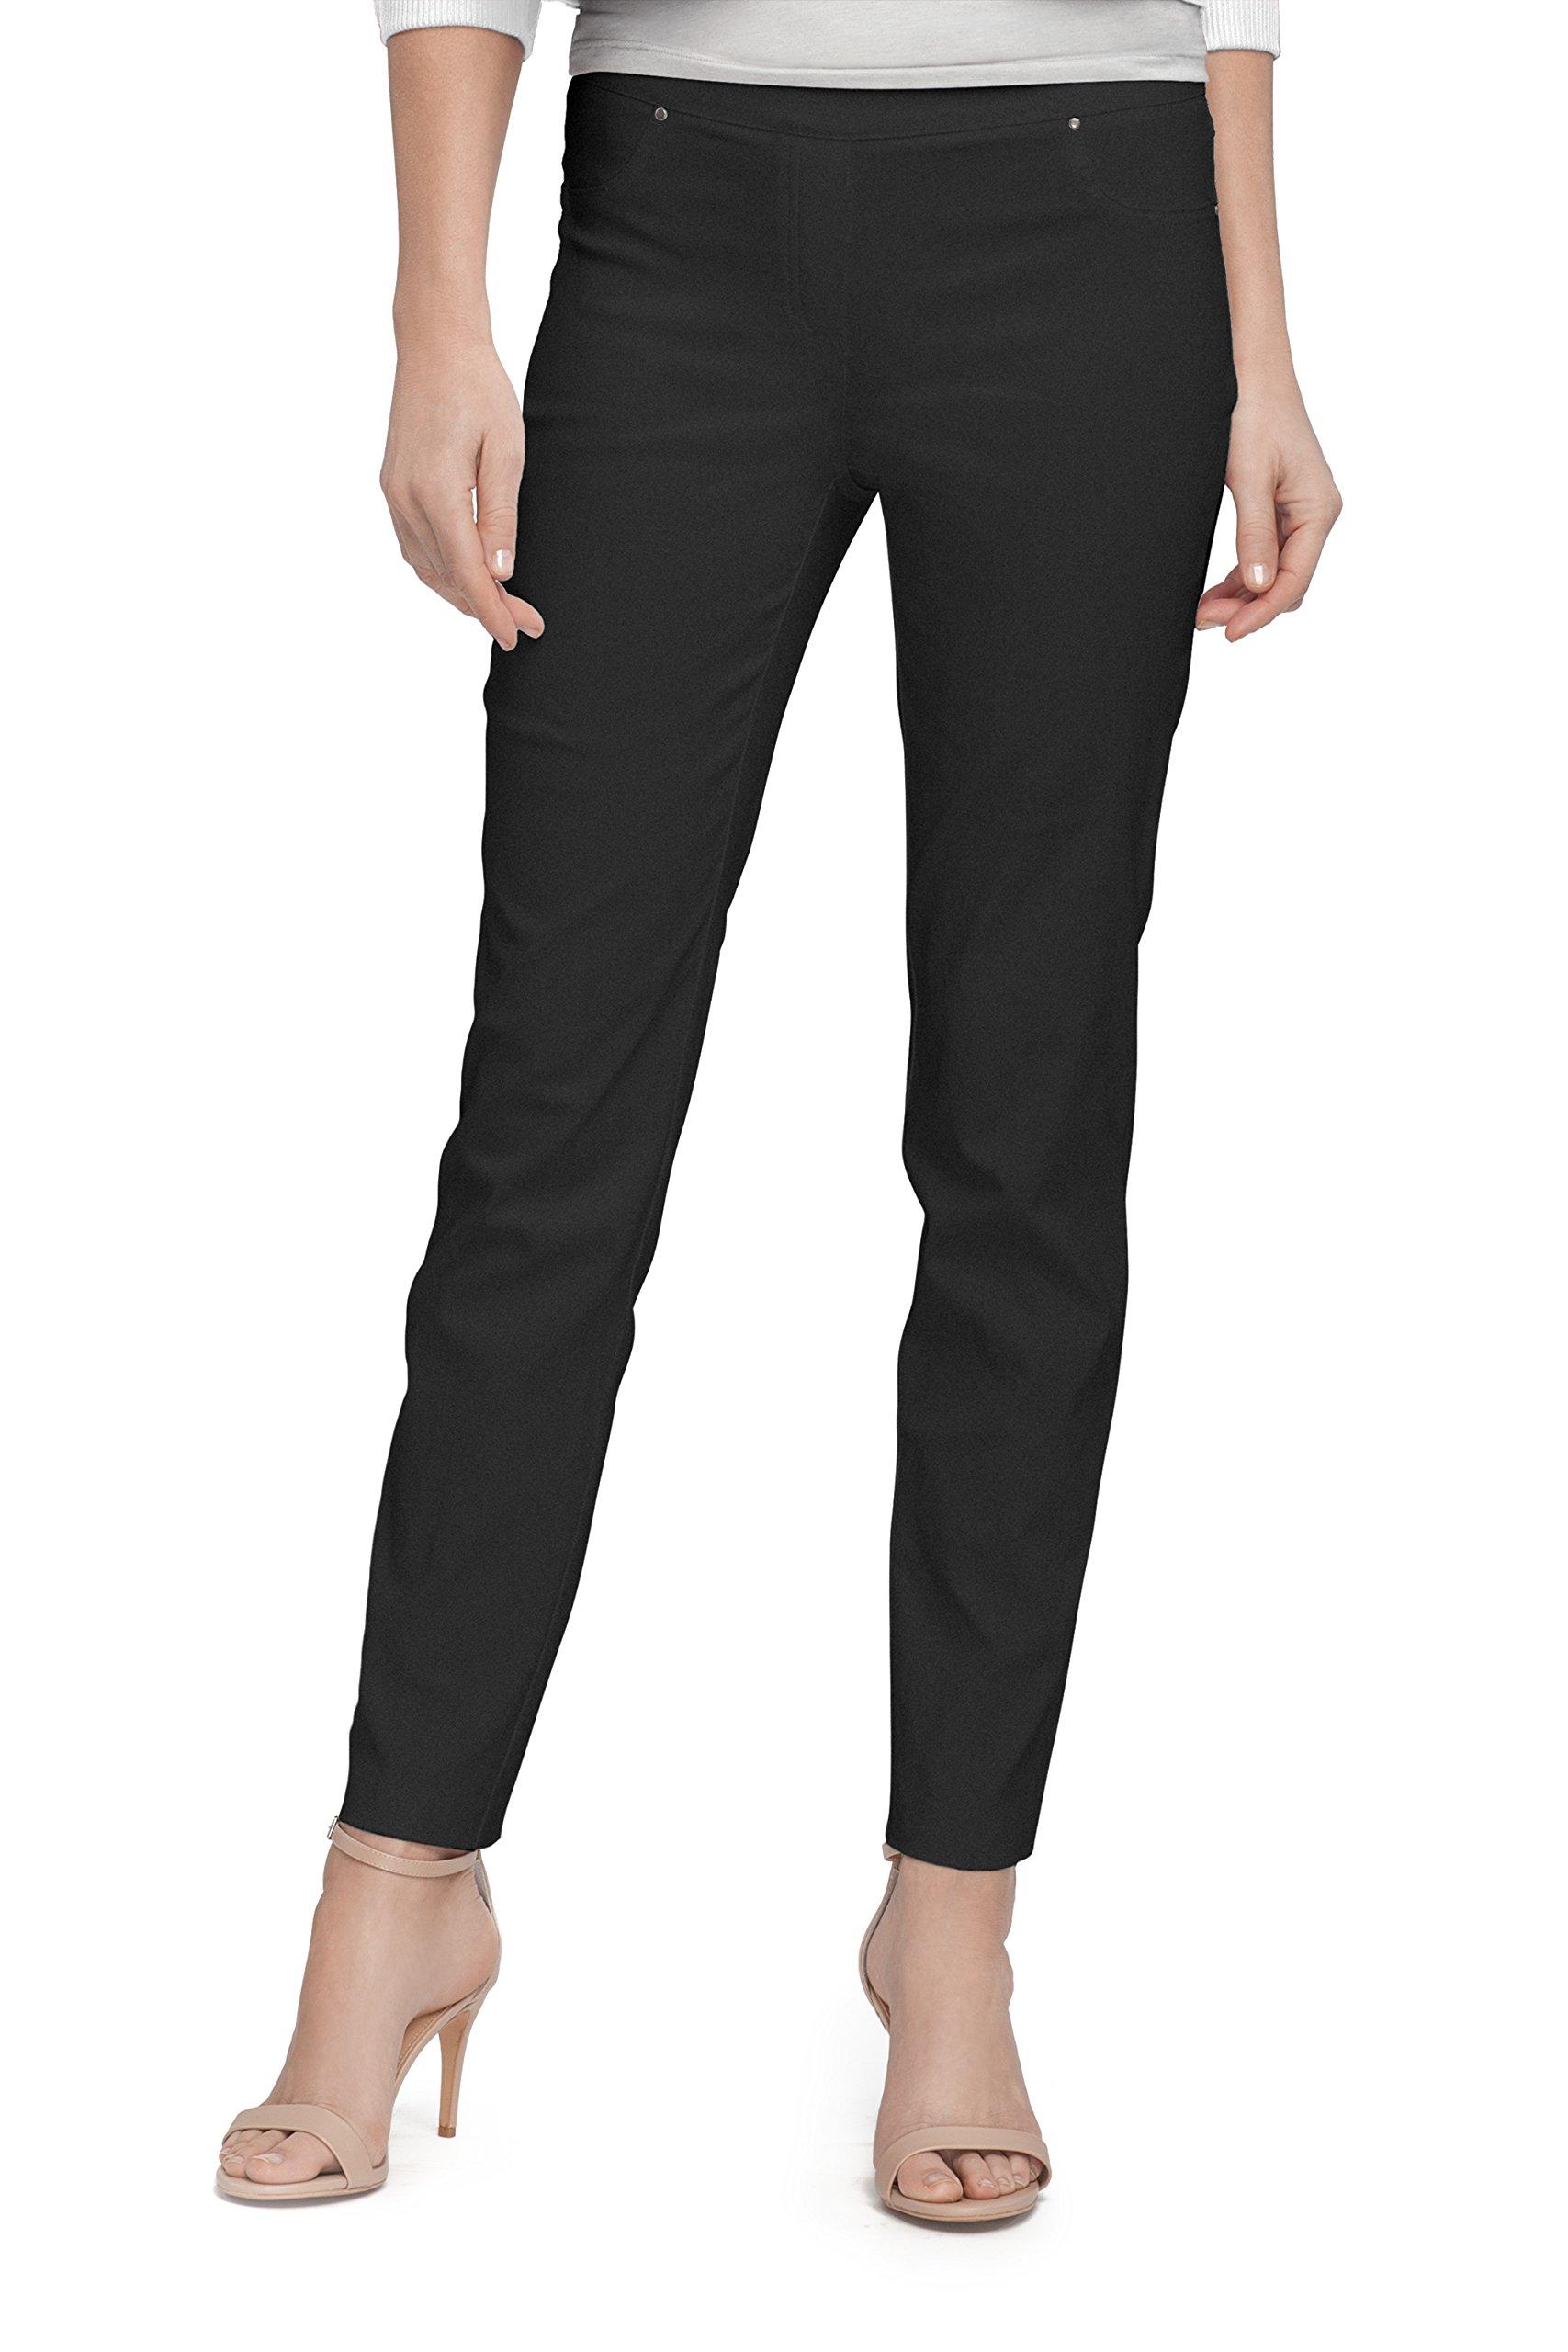 Solid Millennium Ankle Pant, Black, Large